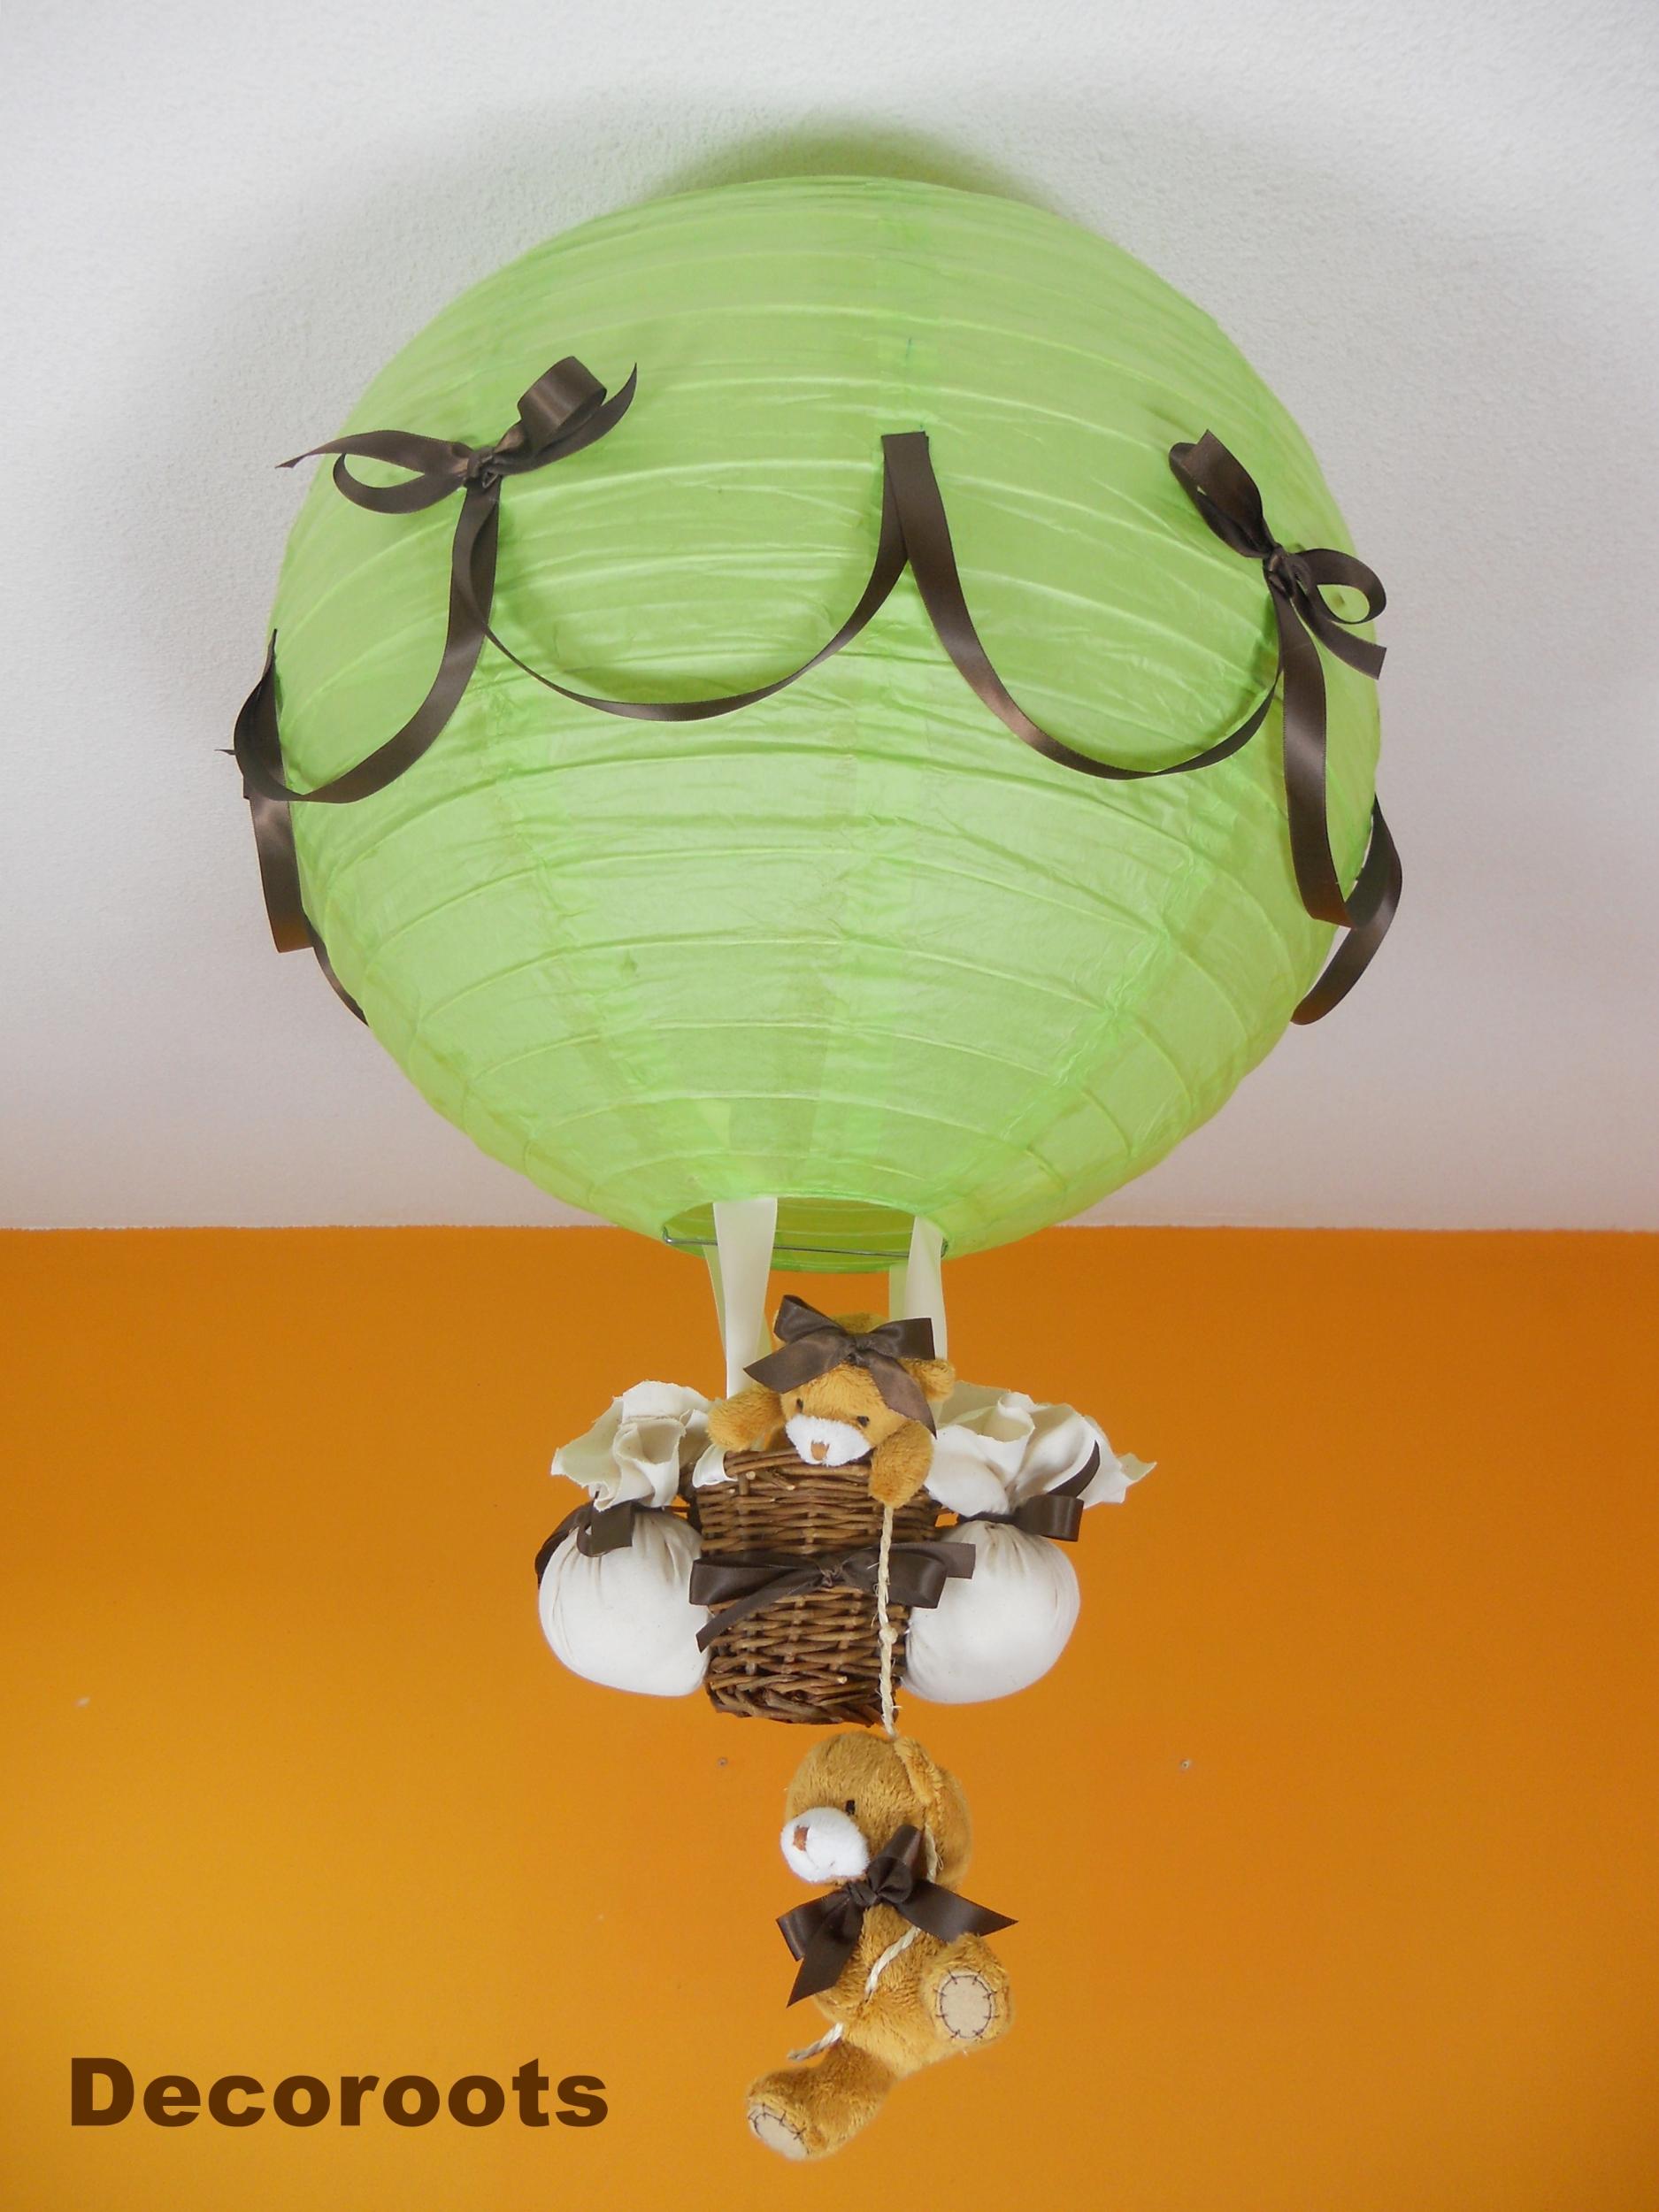 lampe montgolfi re enfant b b ours vert et marron chocolat enfant b b luminaire enfant b b. Black Bedroom Furniture Sets. Home Design Ideas